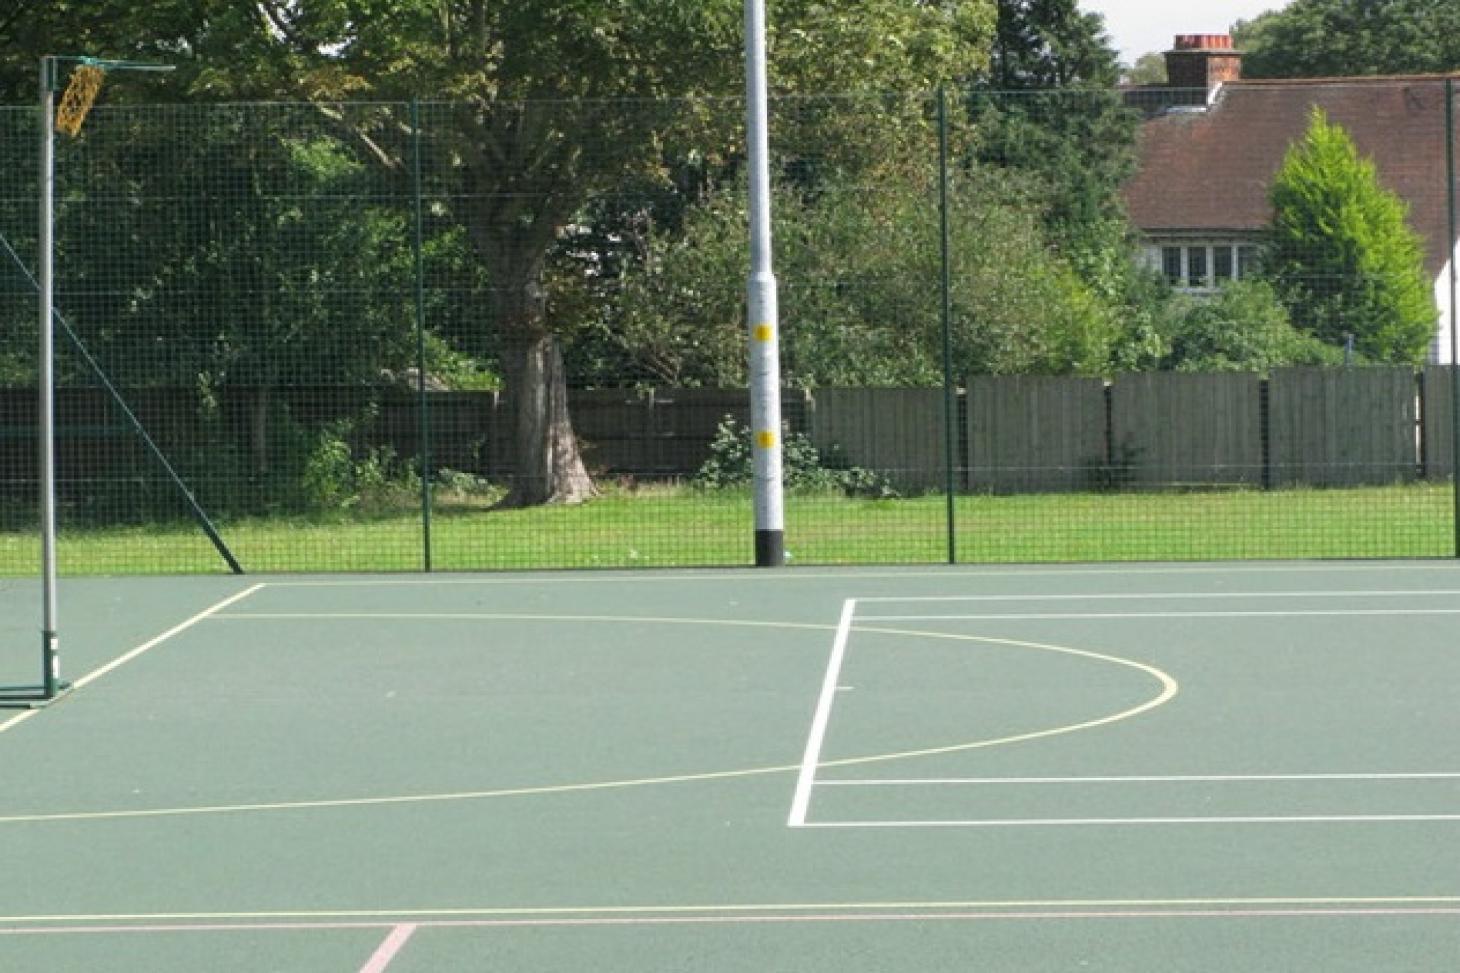 Denbigh High School Outdoor | Hard (macadam) netball court